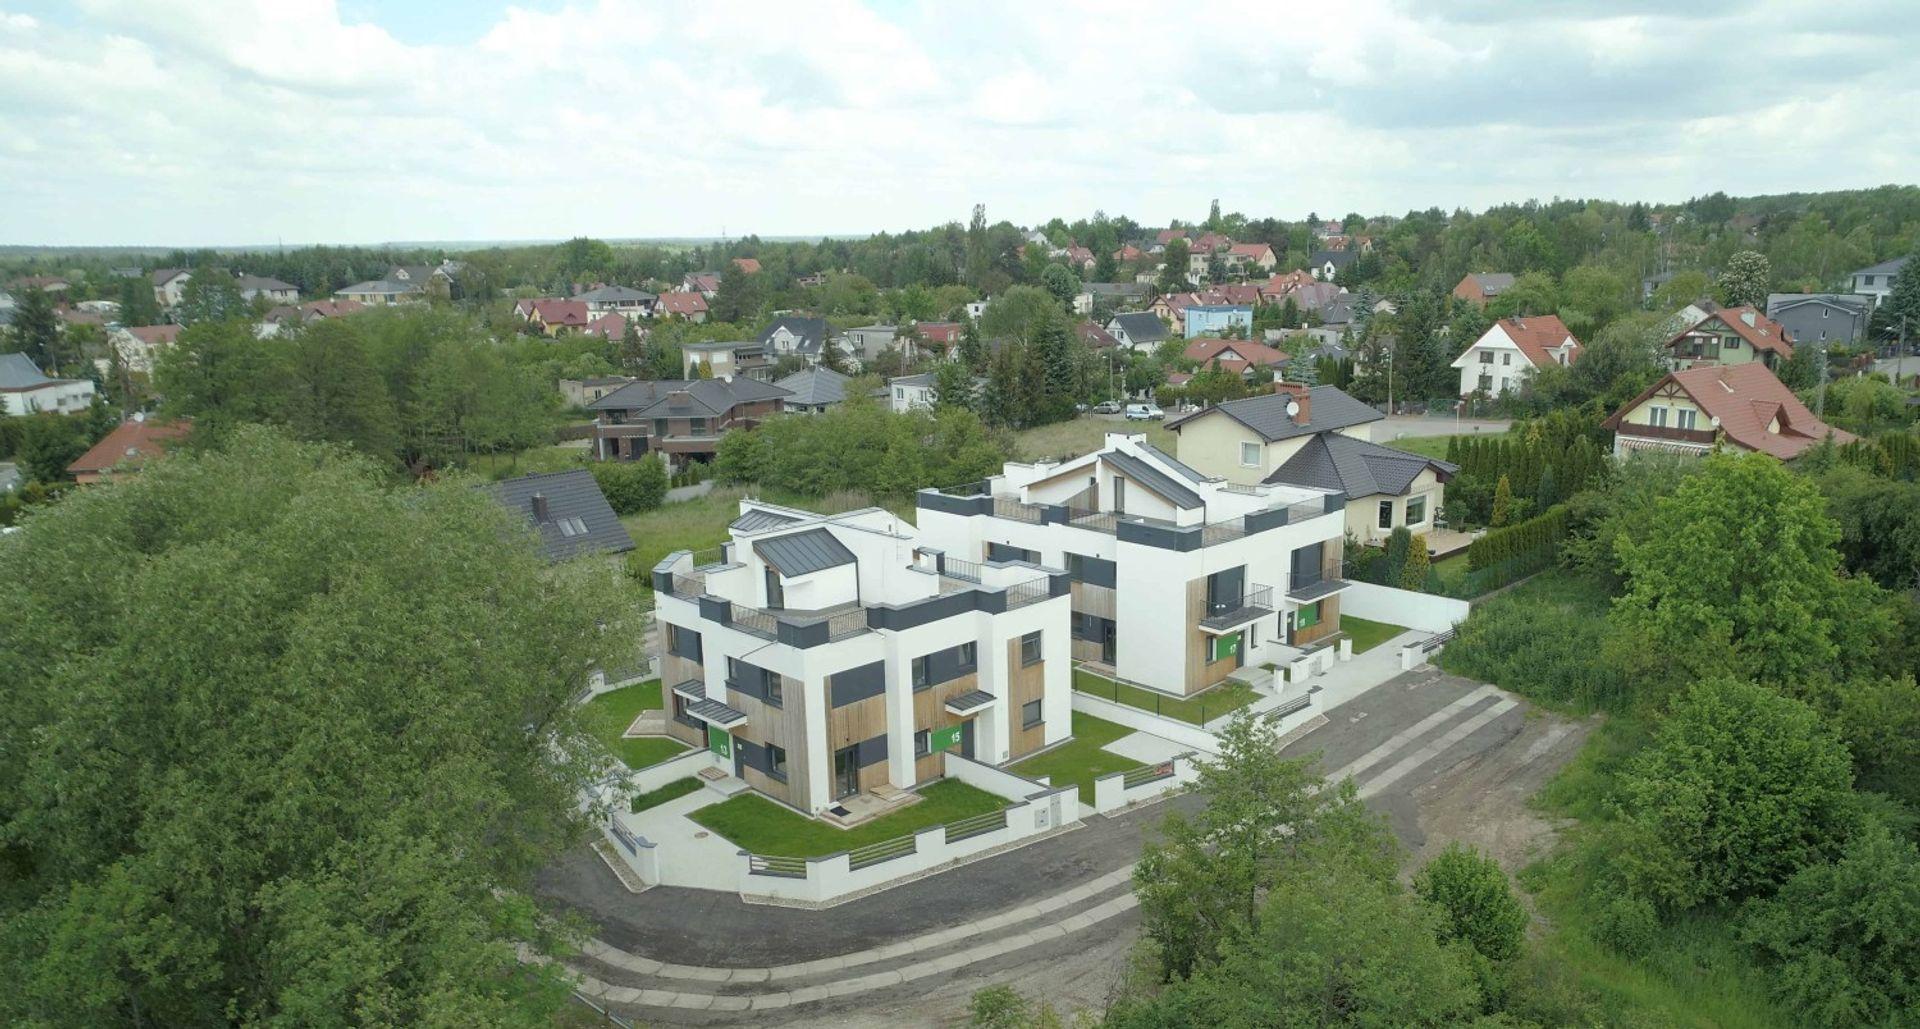 [Poznań] Mieszkania w celach inwestycyjnych na poznańskim rynku